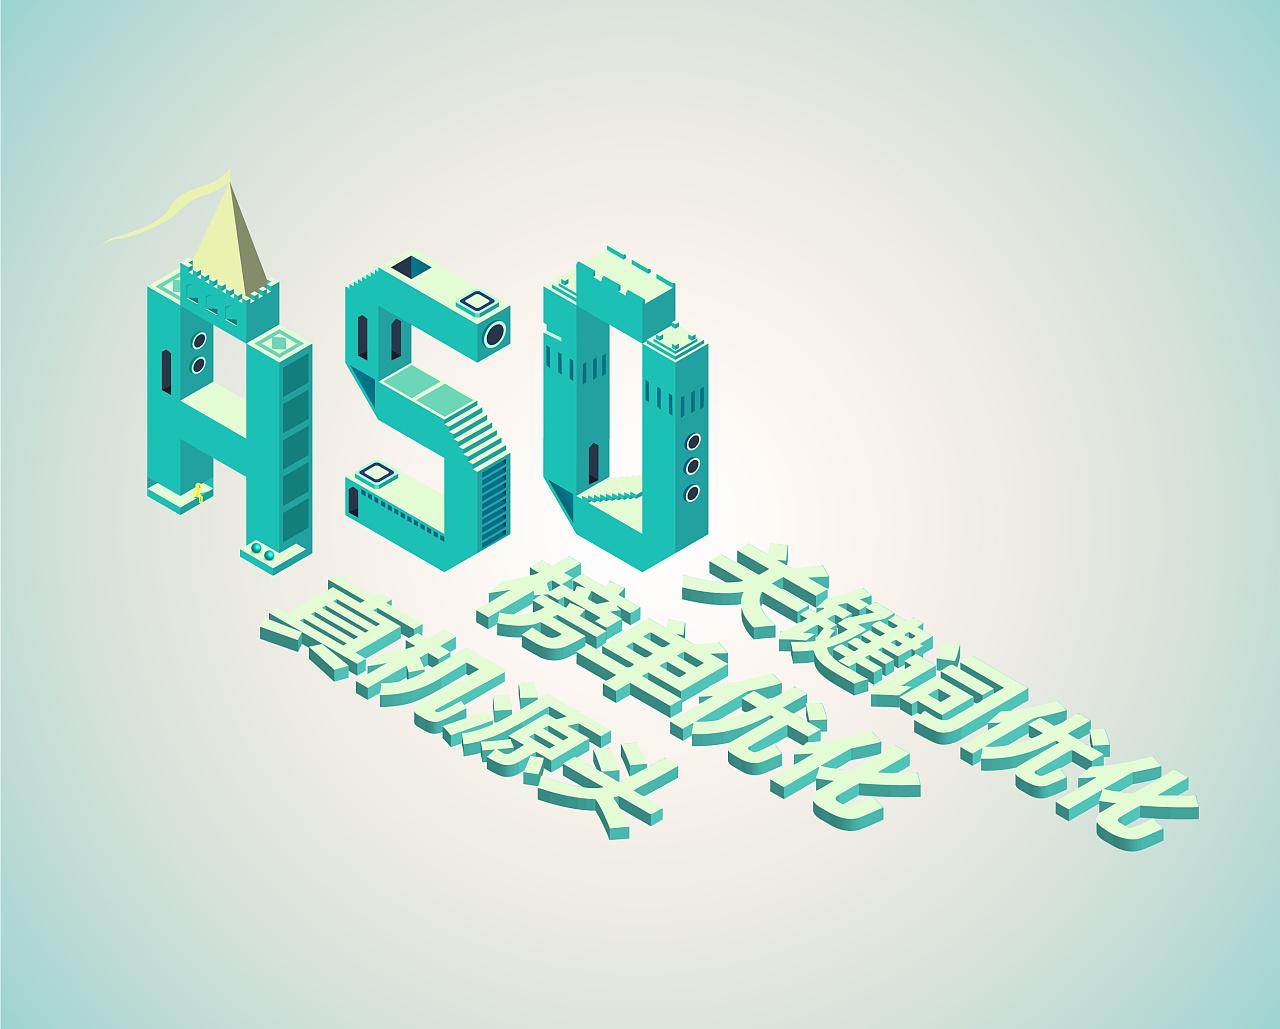 aso优化怎么做?aso优化可以给企业带来哪些价值?一般怎么优化?